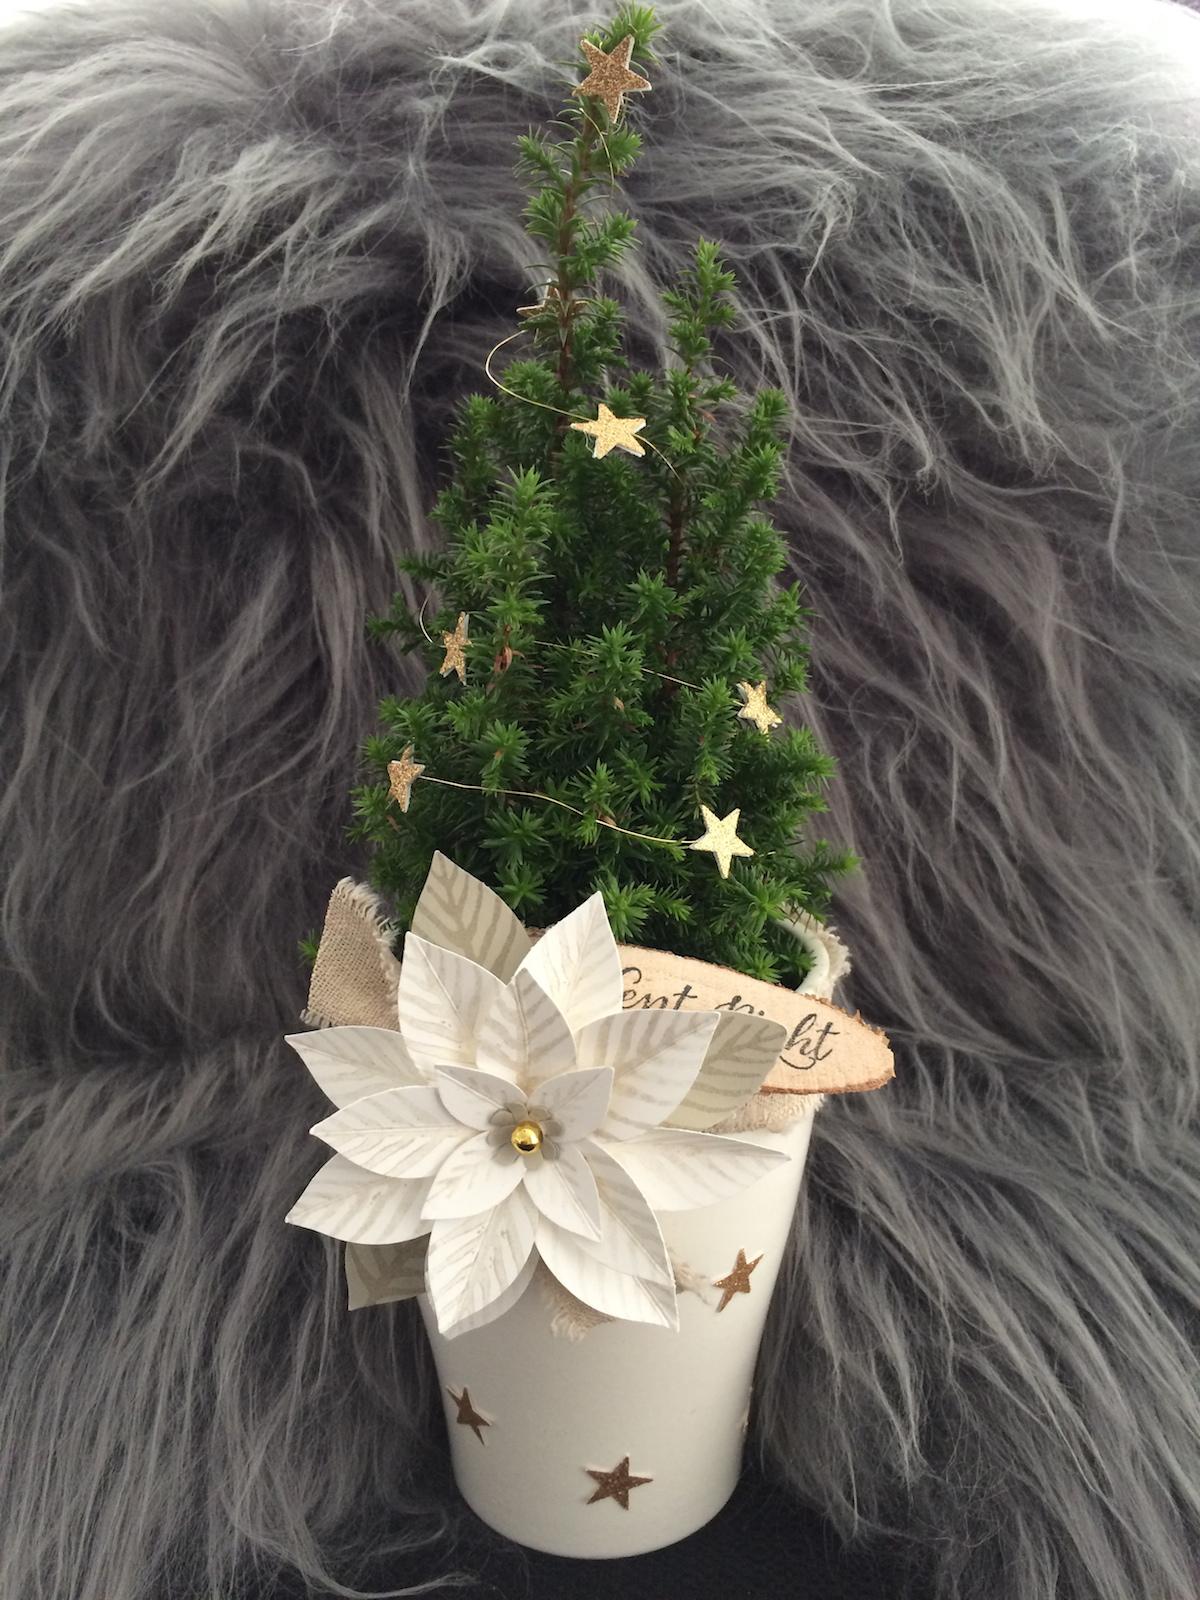 Kleiner Weihnachtsbaum mit festlicher Blüte und Holz-Embellishment